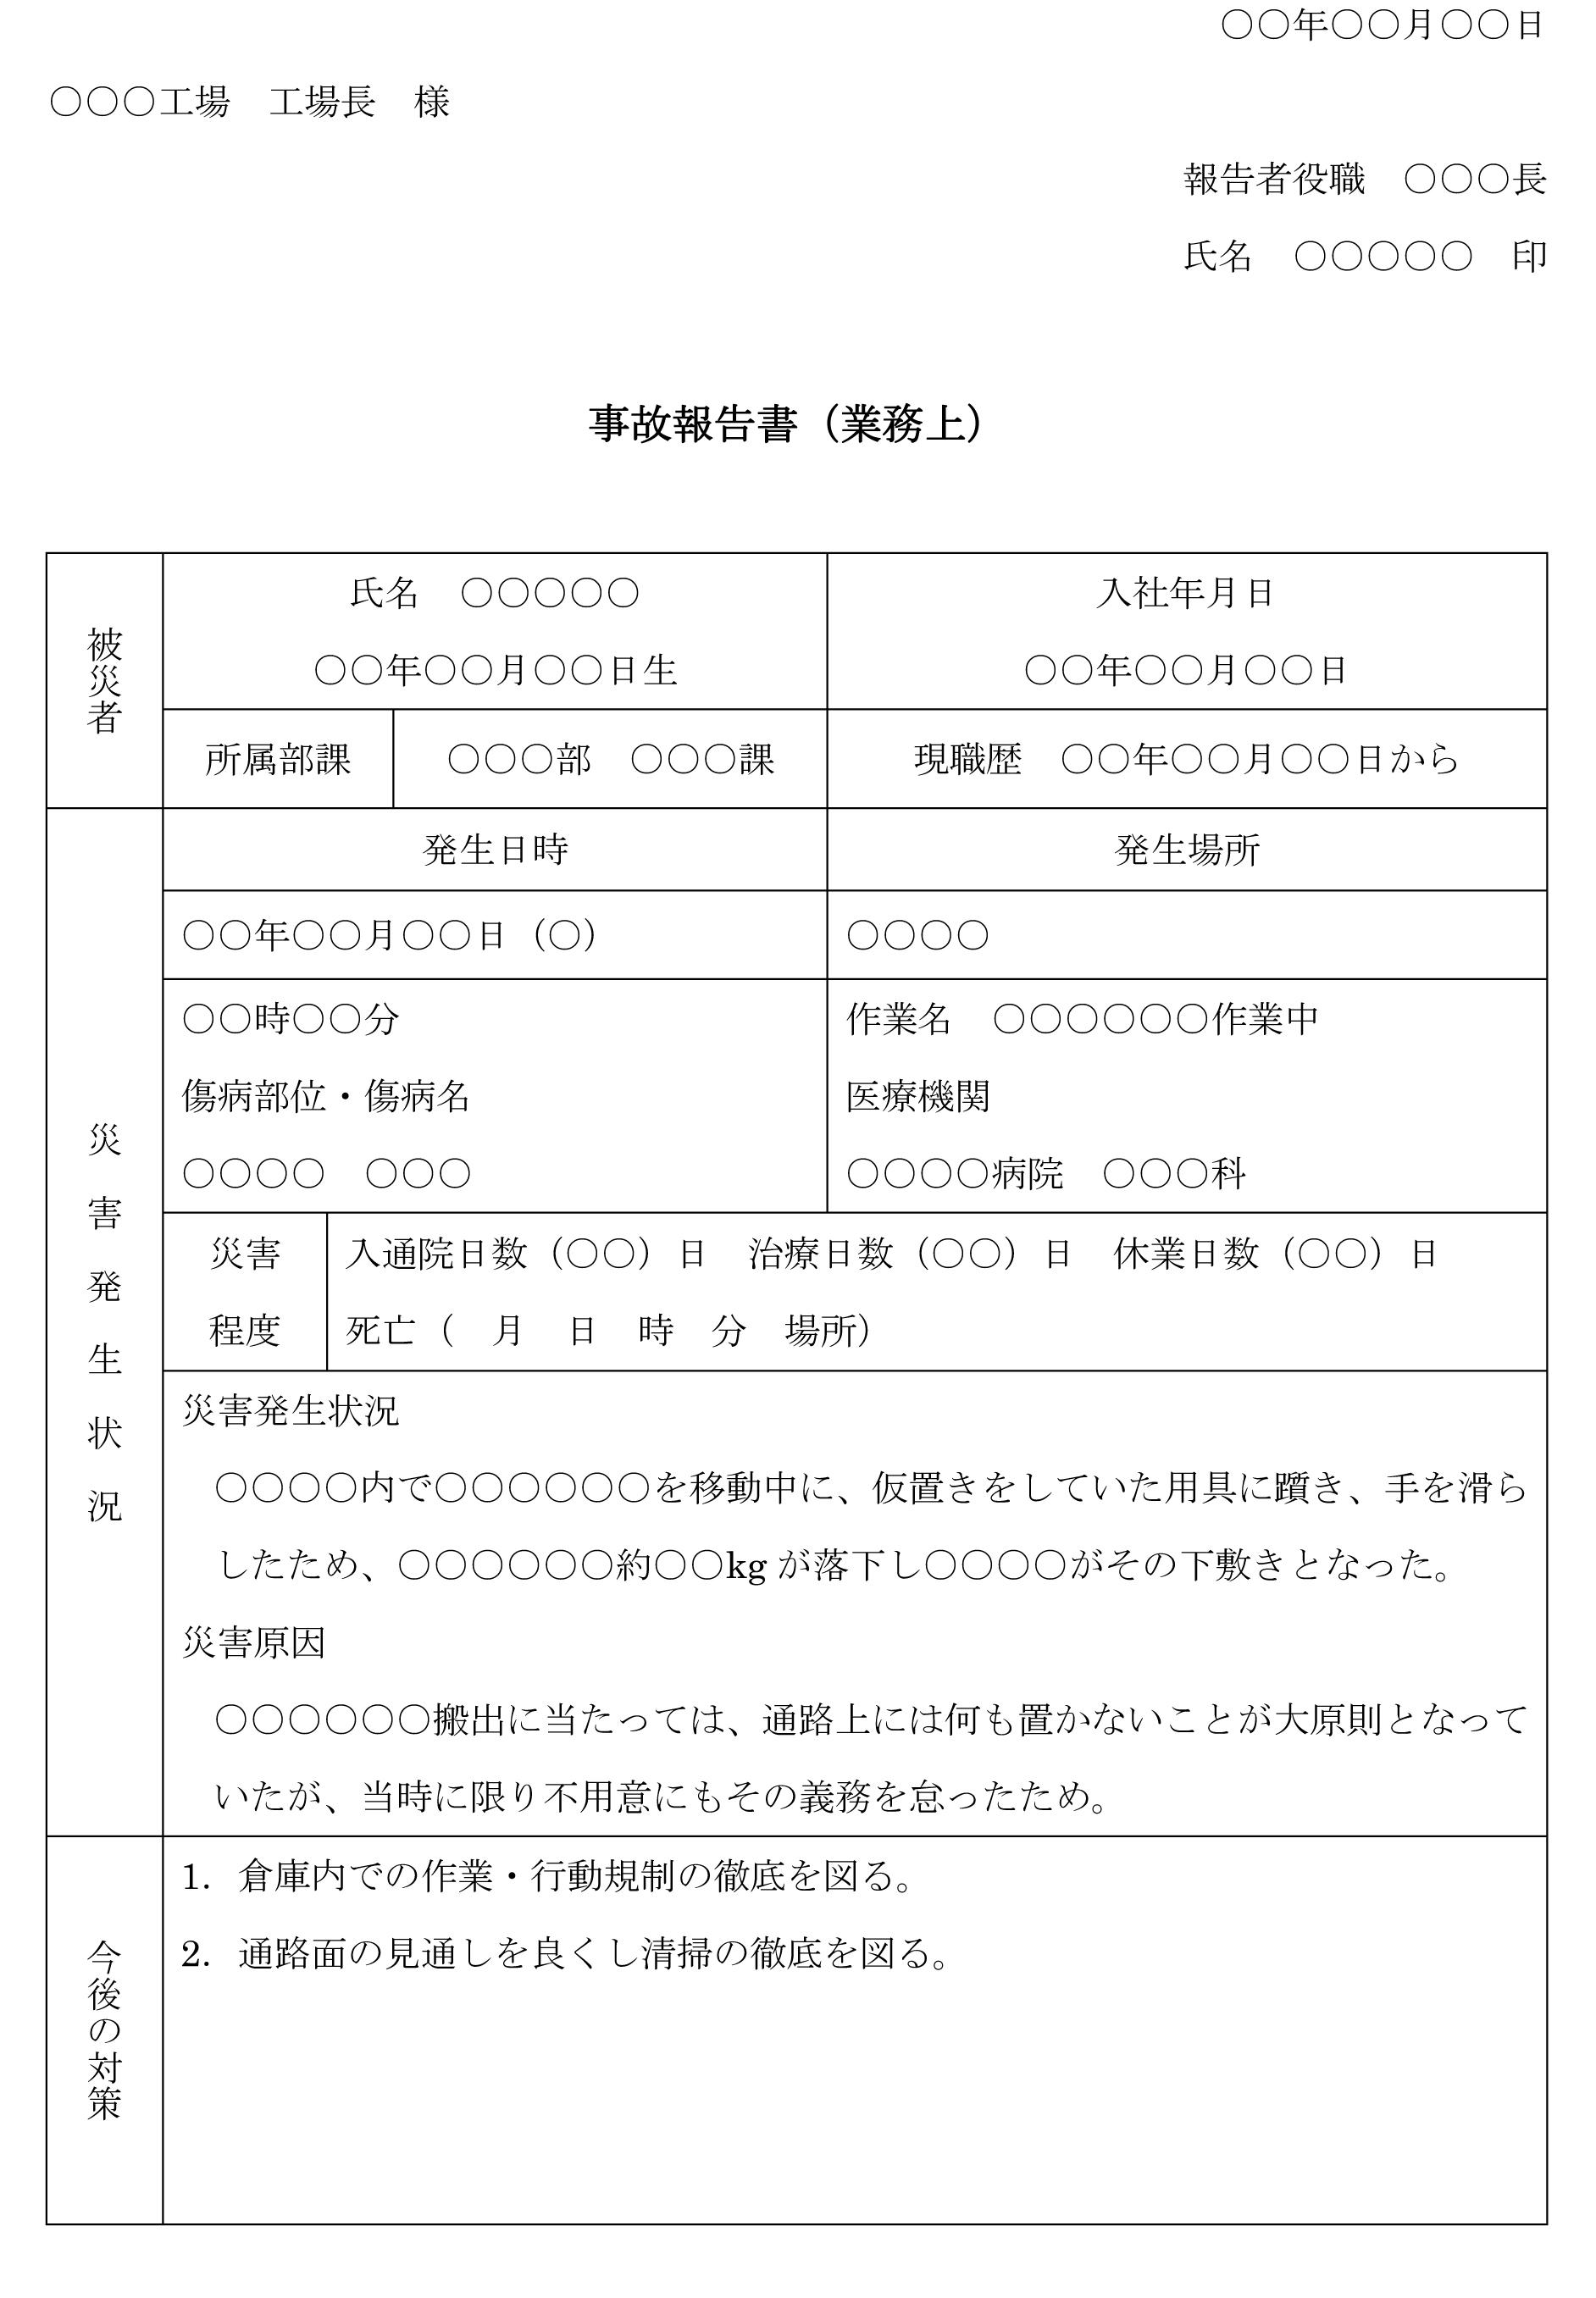 事故報告書(業務上)